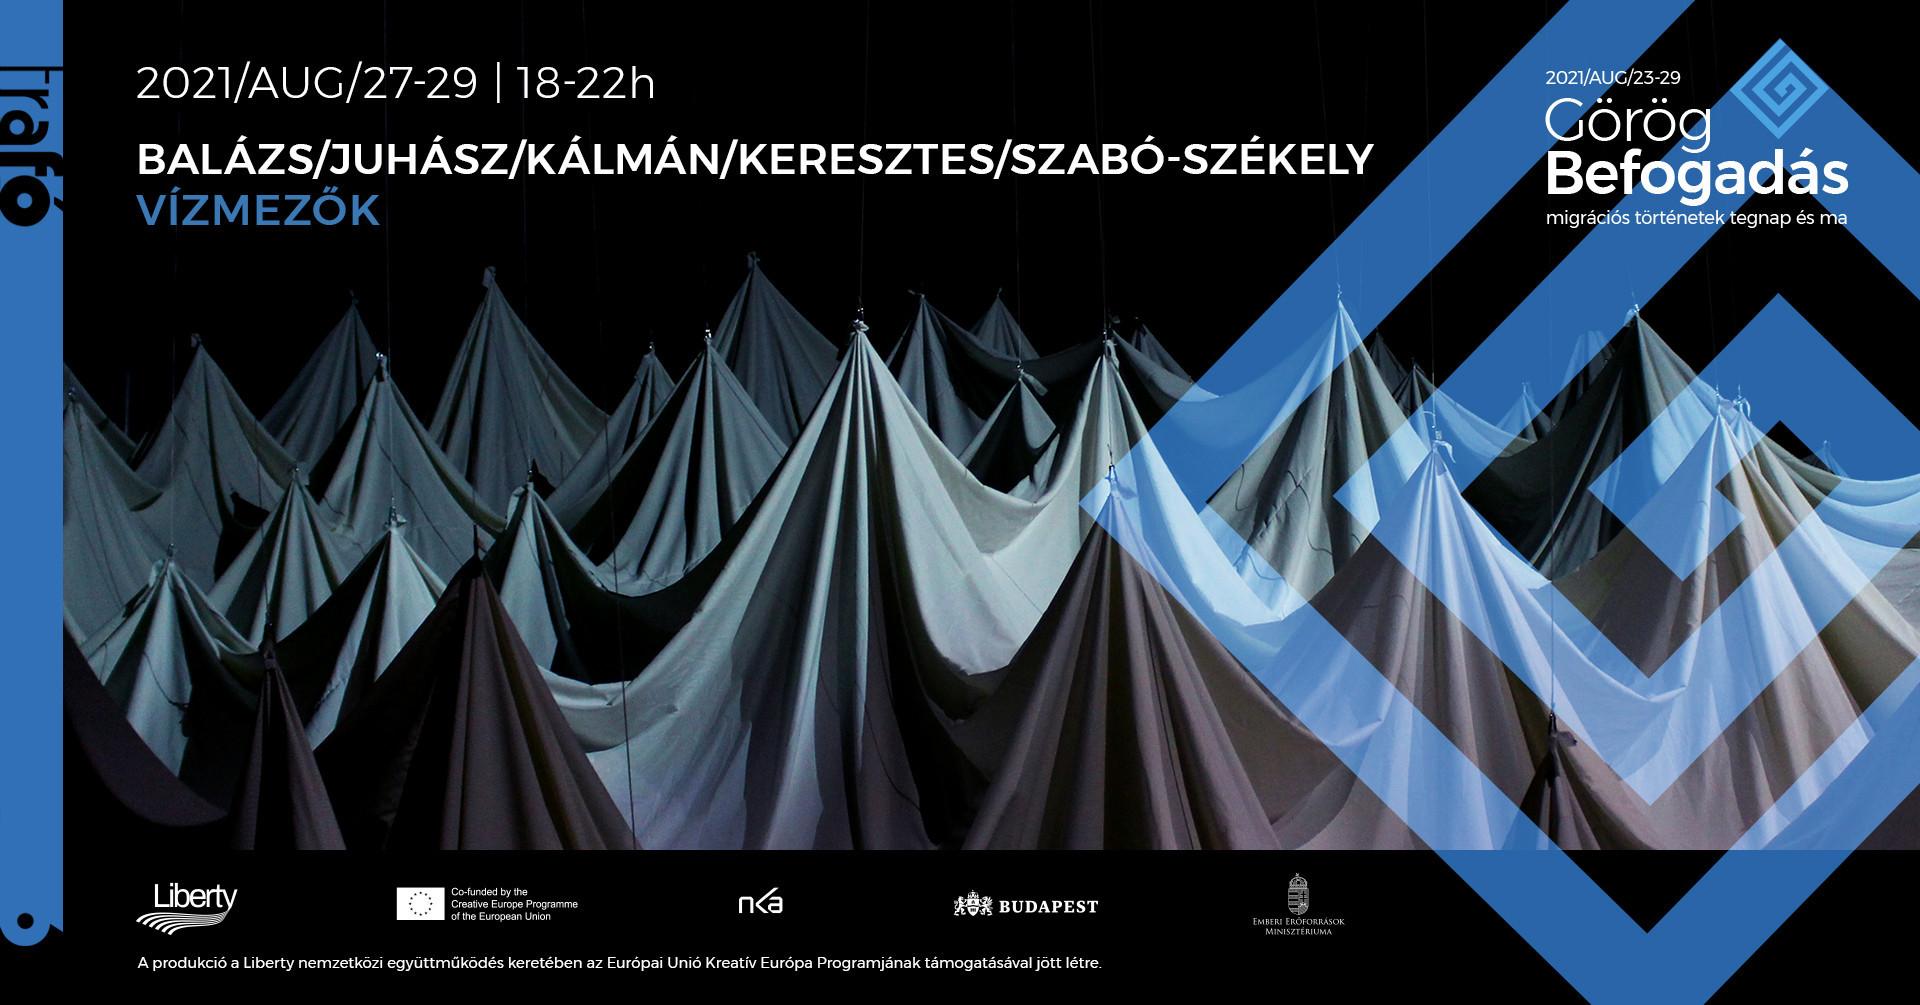 Balázs/Juhász/Kálmán/Keresztes/Szabó-Székely: Vízmezők - immerzív installáció